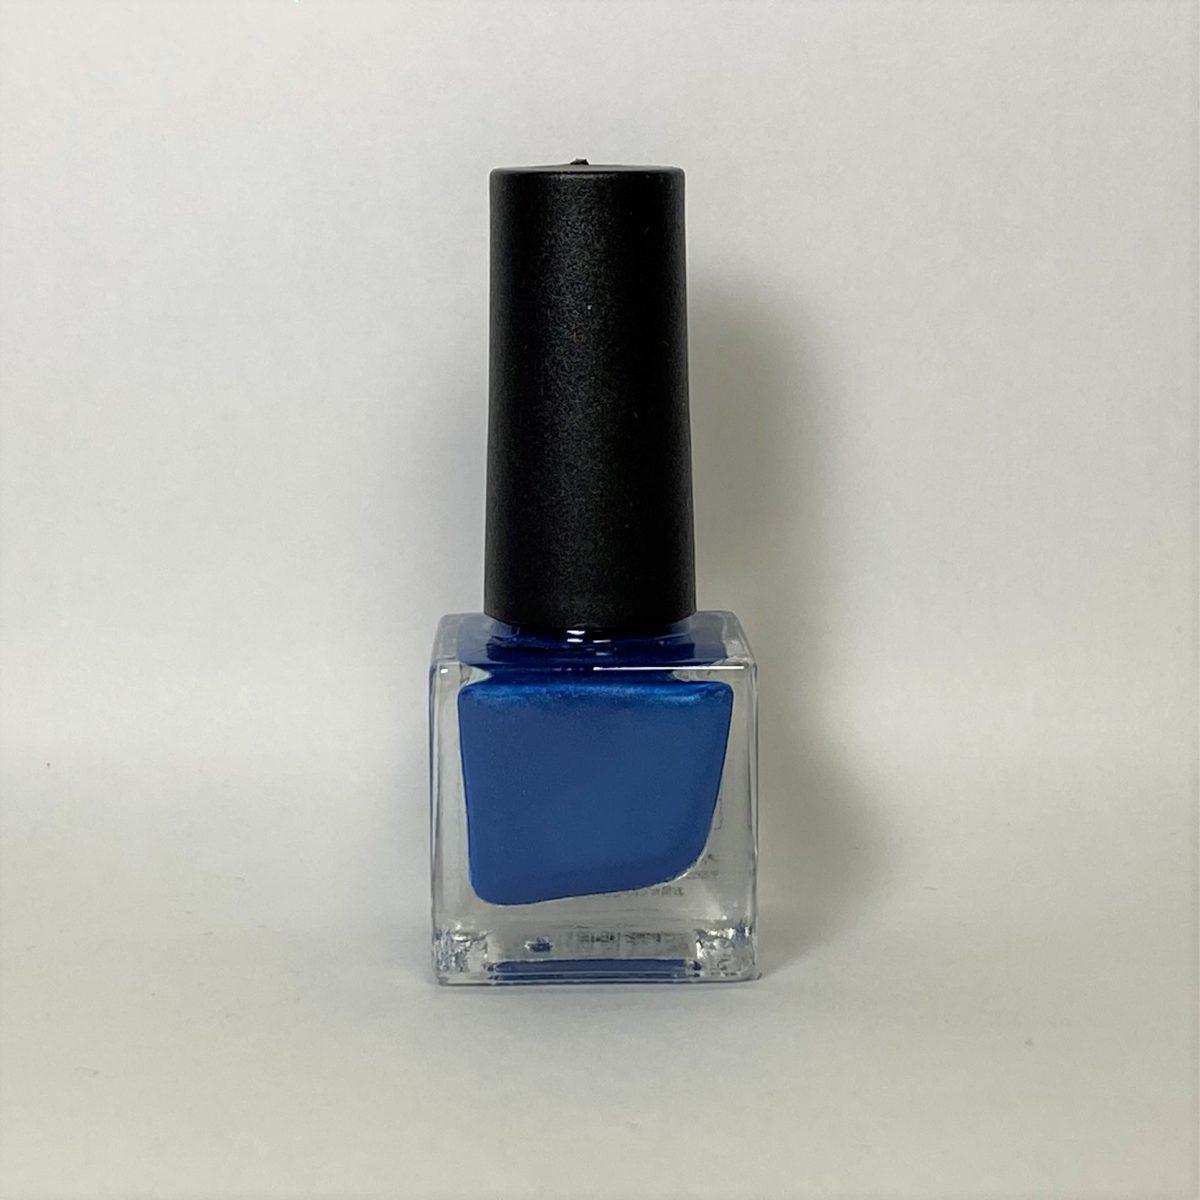 ネイルポリッシュ R12 Blue